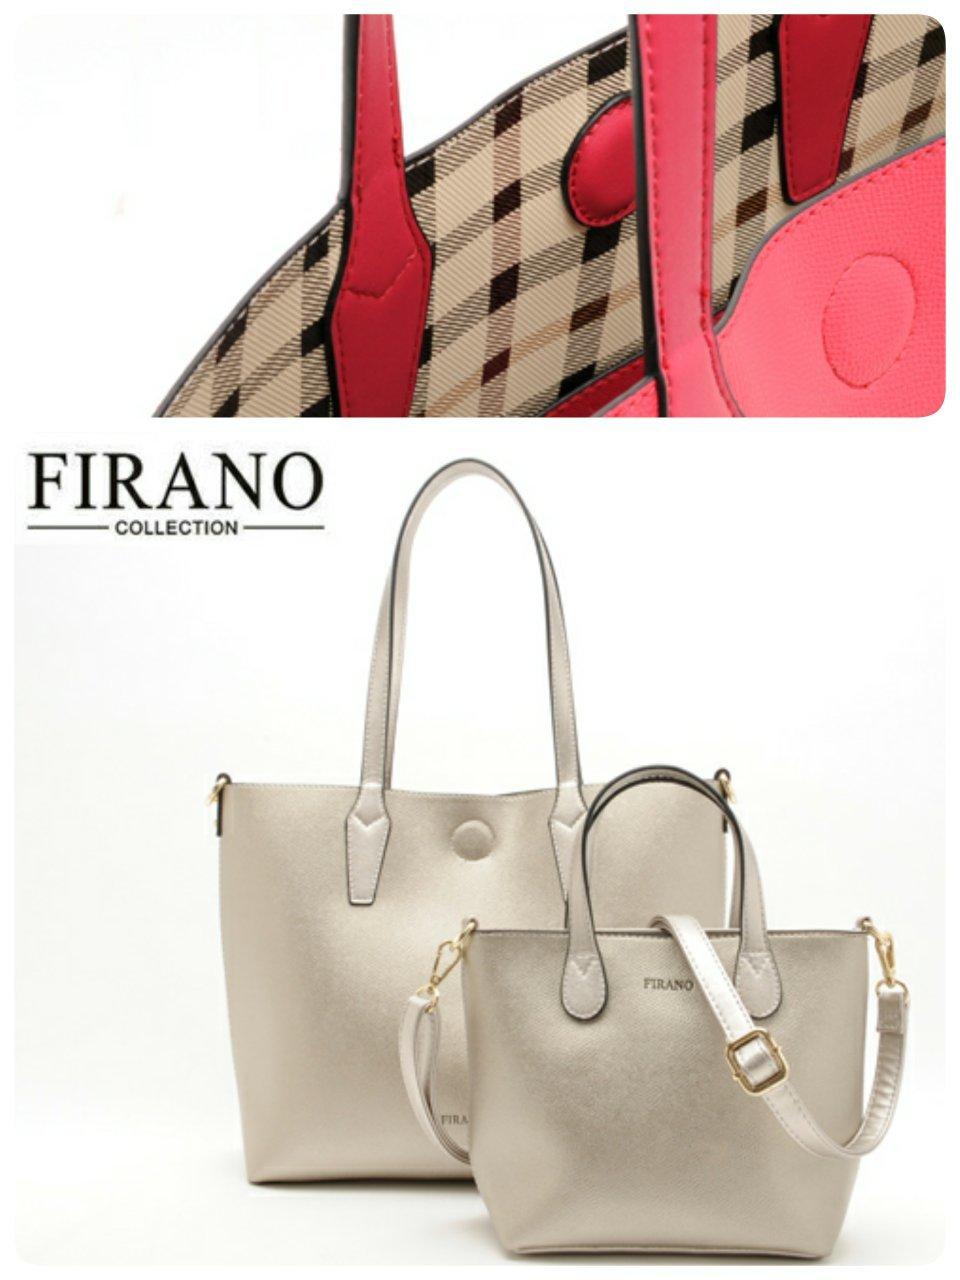 FIRANOのバッグ入荷しました。_f0255704_22382330.jpg